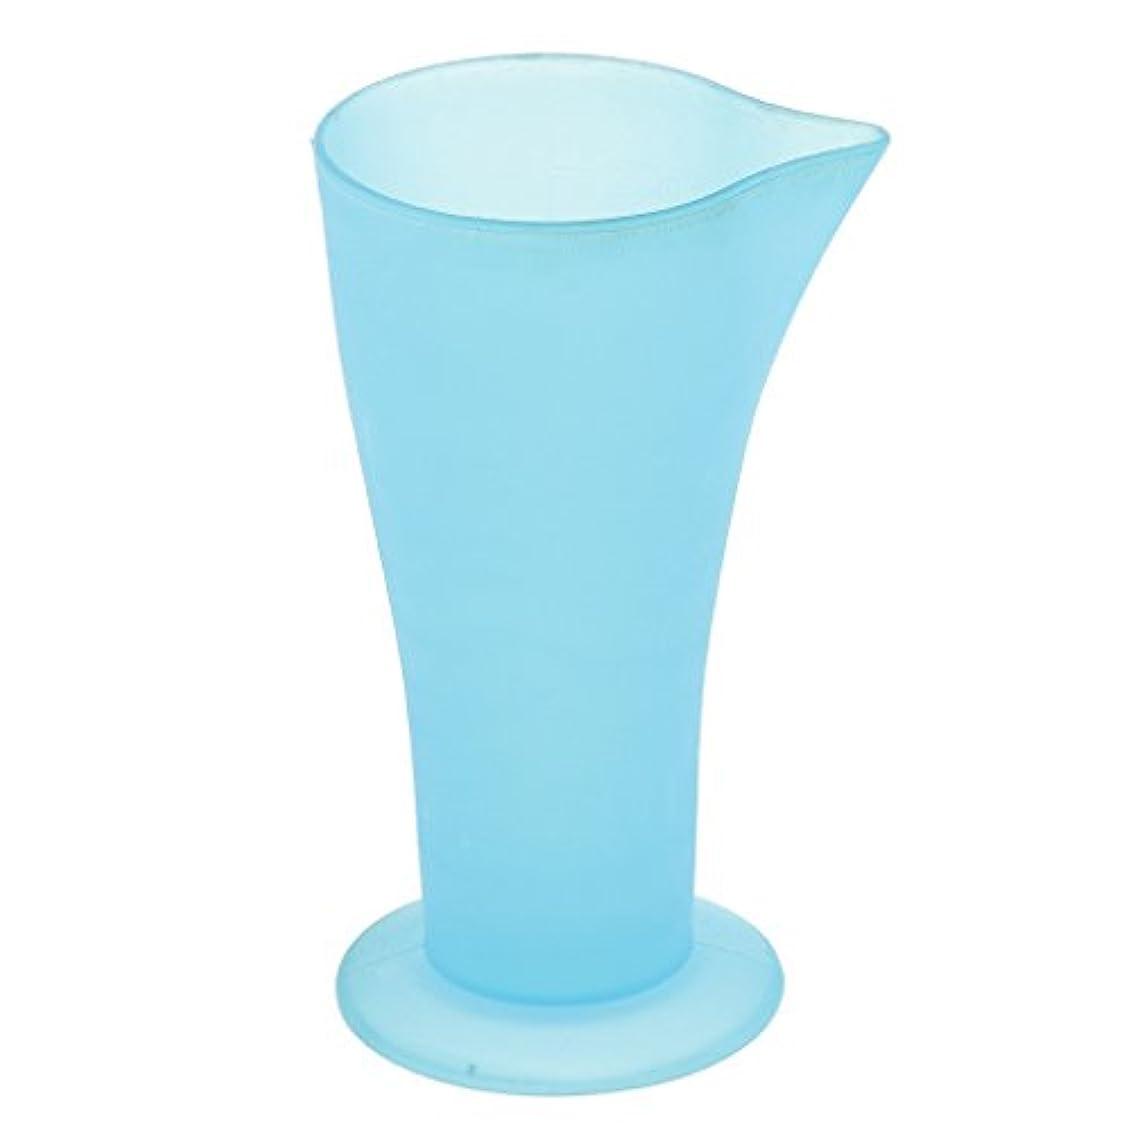 暗殺者クラウンコントロールPerfk 計量カップ ヘアダイカップ ブルー プラスチック 再使用可能 髪型 サロン 髪の色合い 色の混合用